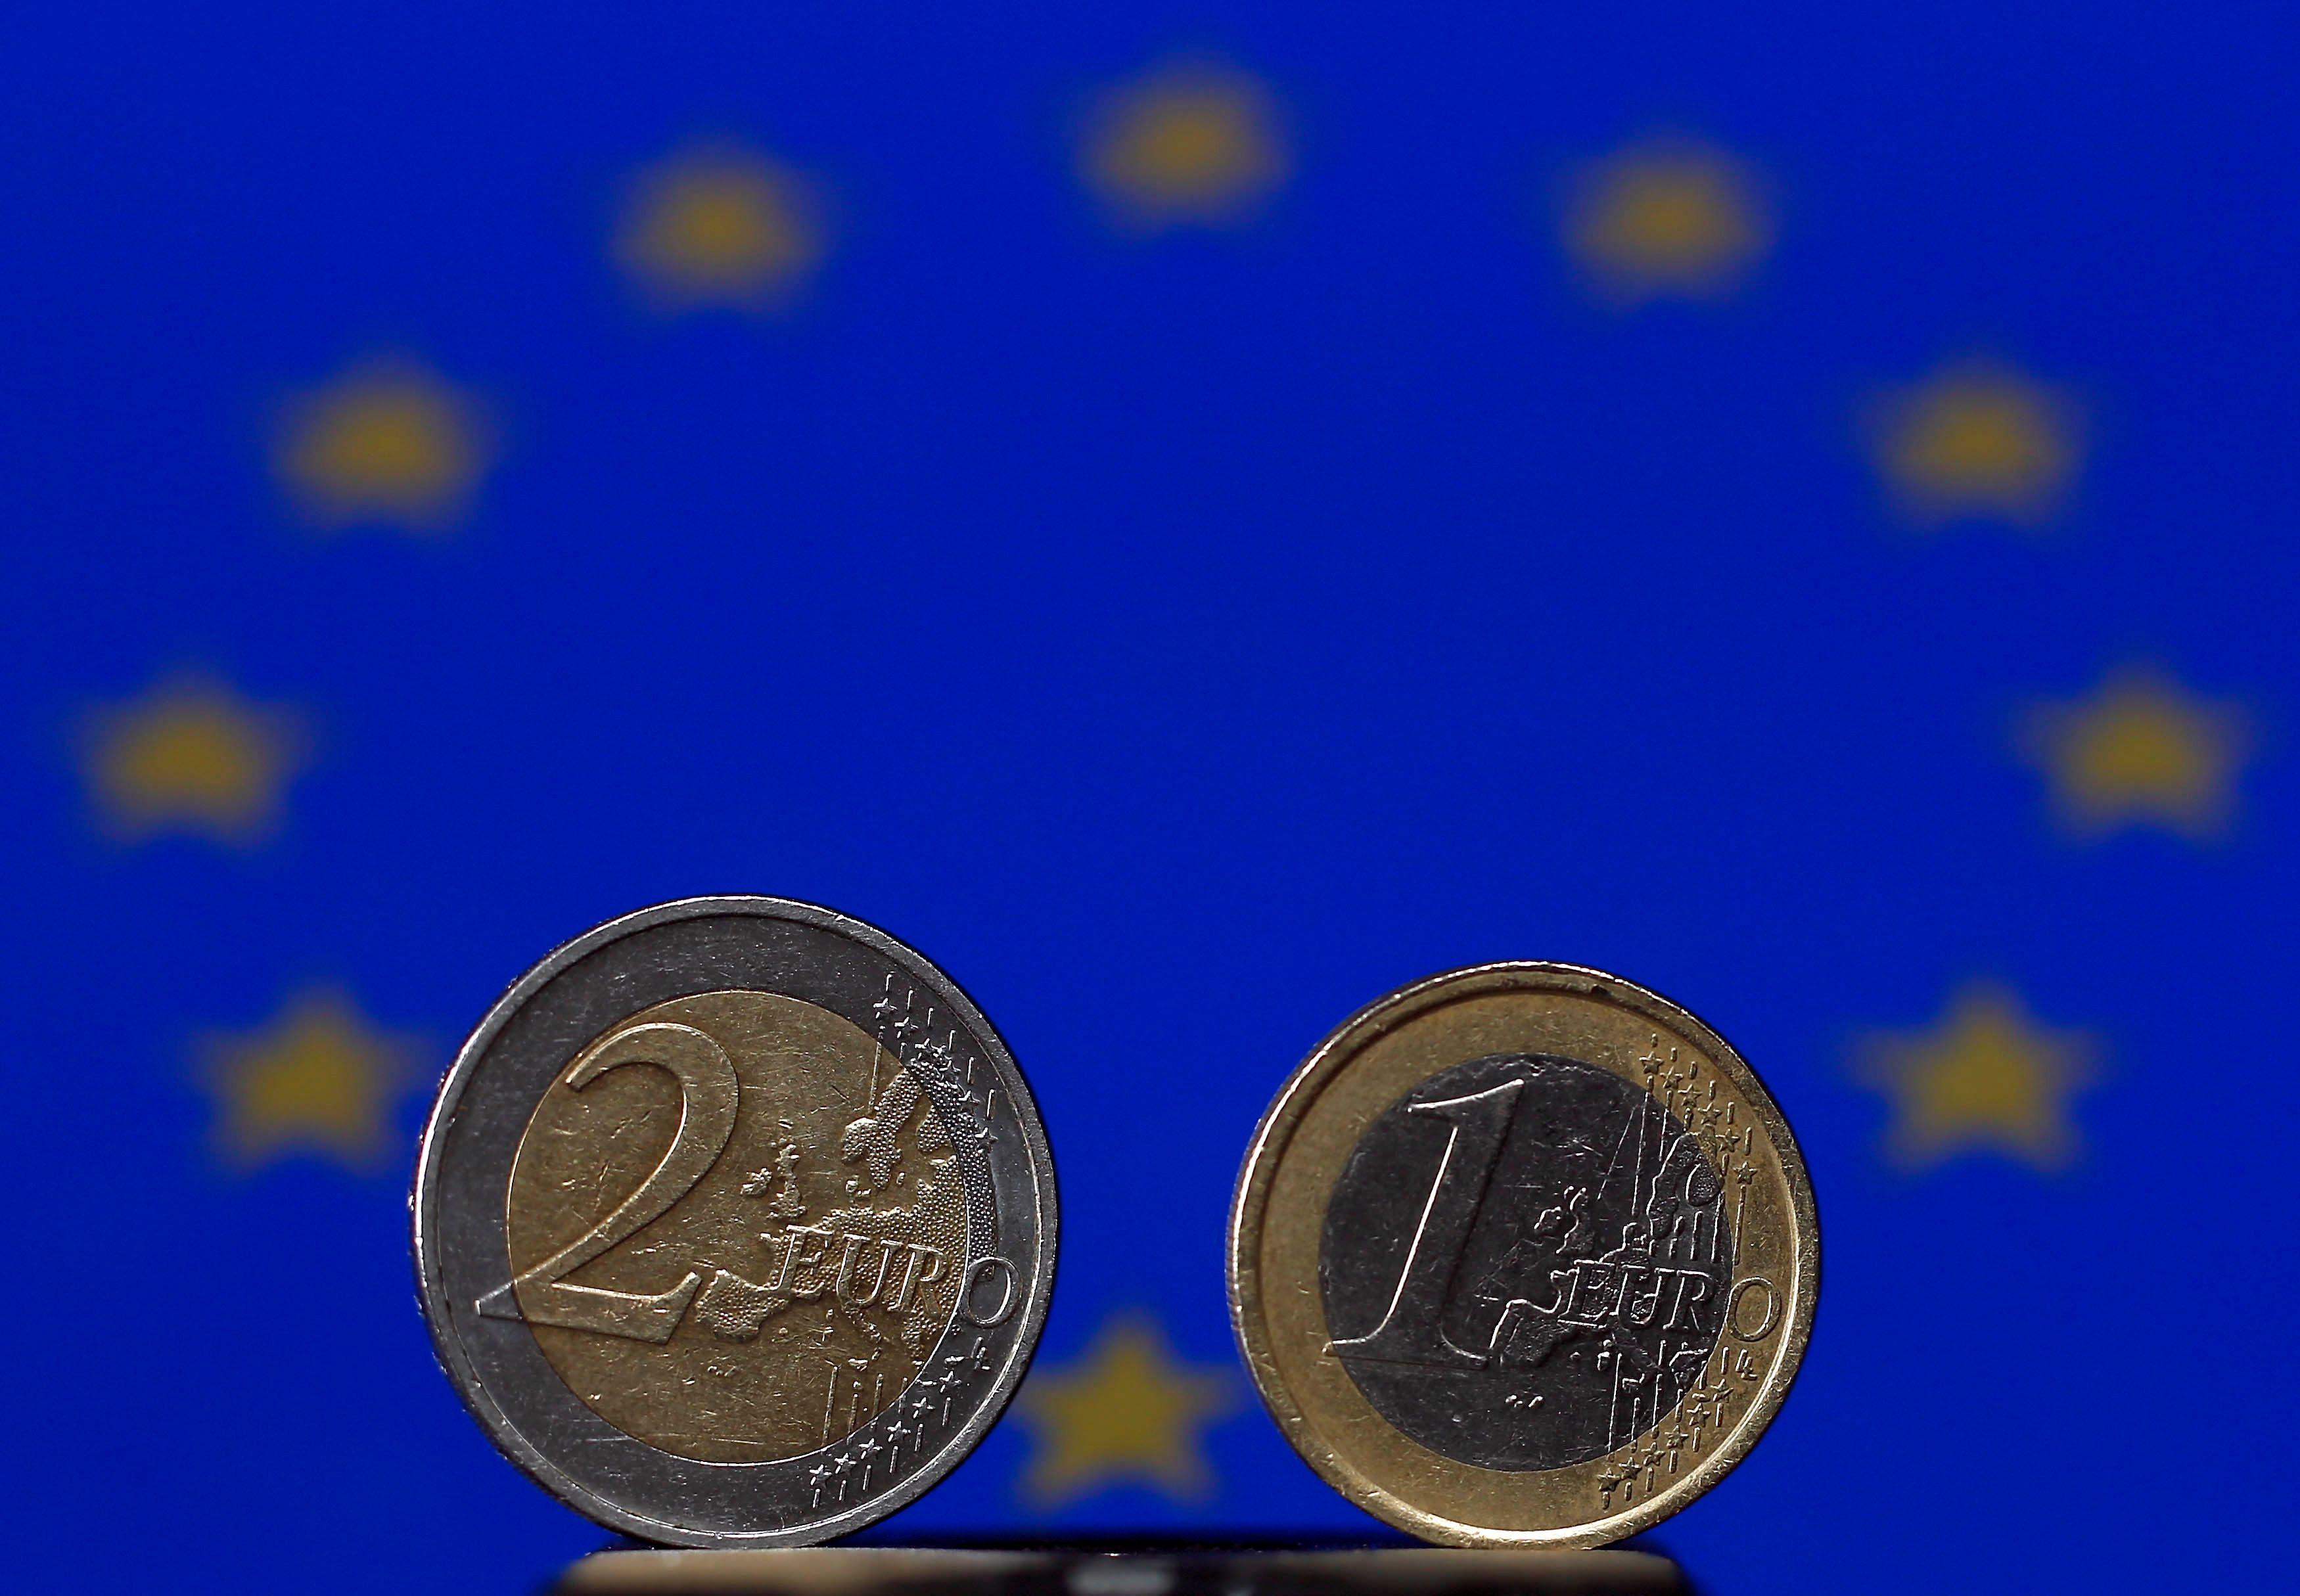 Pierre Moscovici s'est avéré incapable de défendre l'euro dans l'émission Mots Croisés.